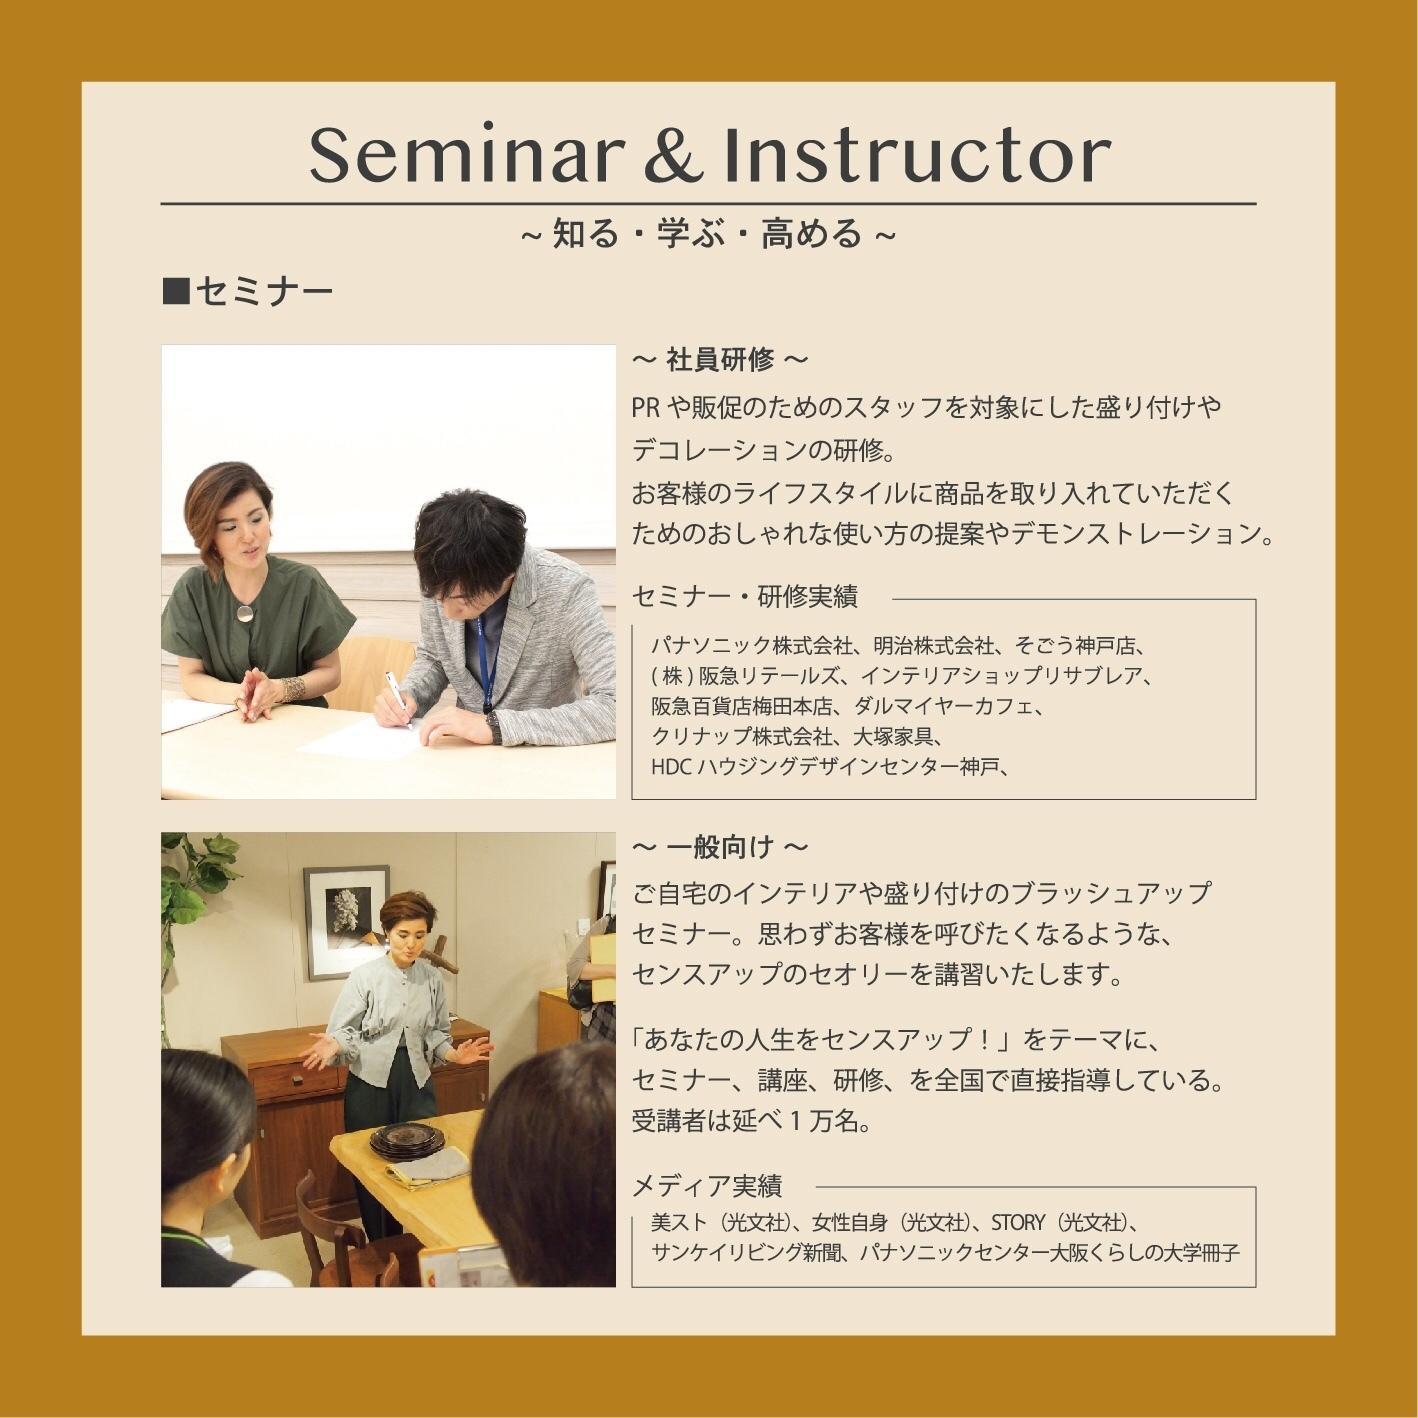 いったい山本智子は何をやっている人なのか?がわかるものを作りました。_f0375763_19254909.jpg